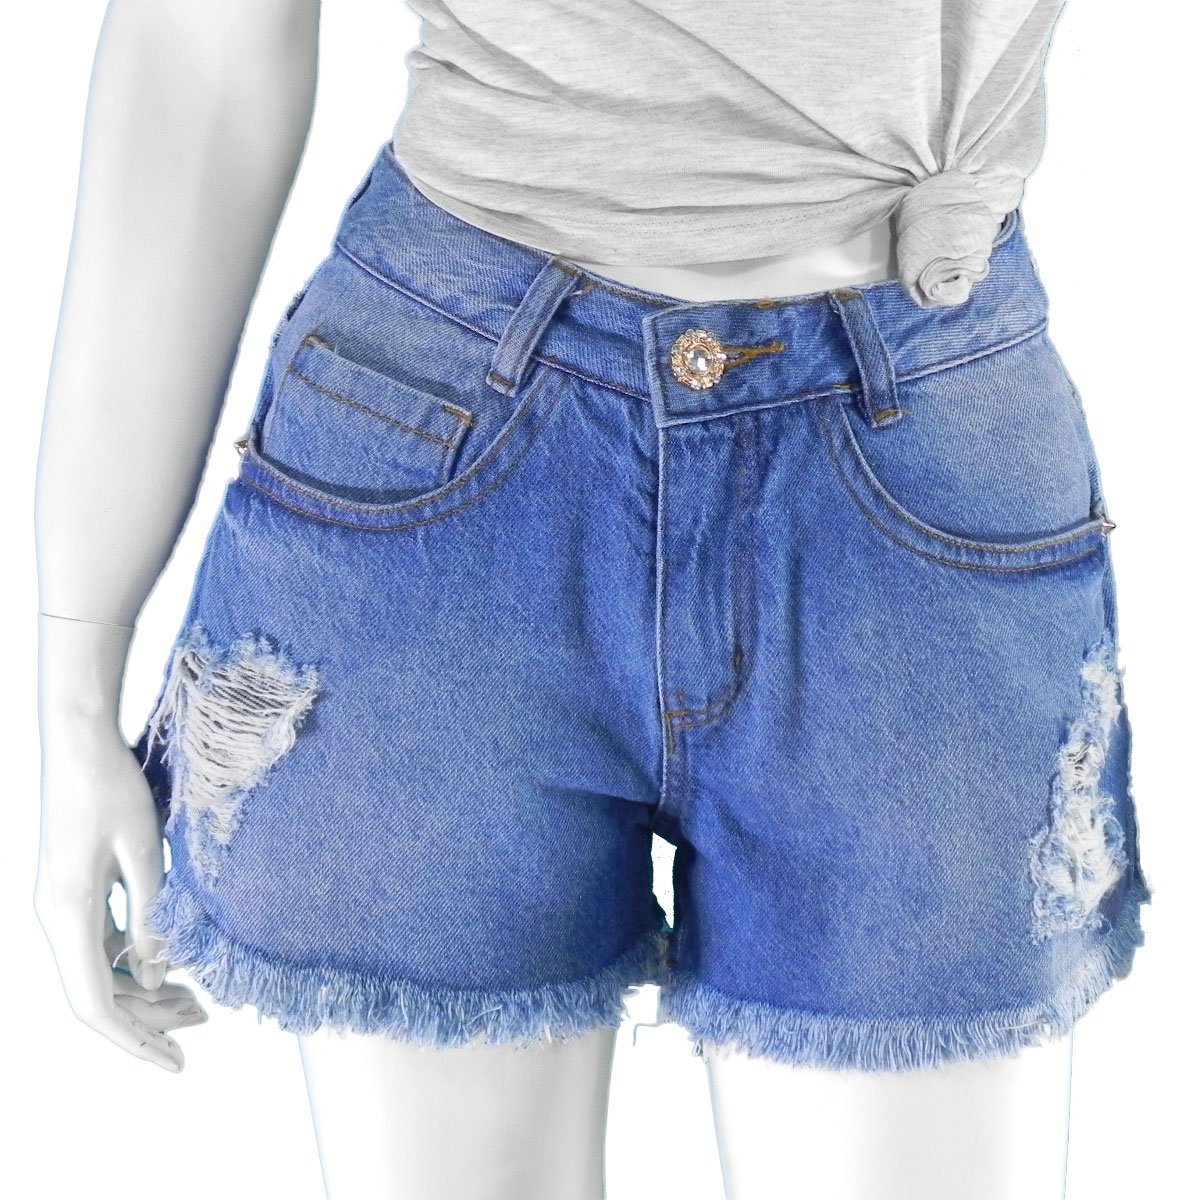 Shorts Fem Jeans Rasgos Desfiado